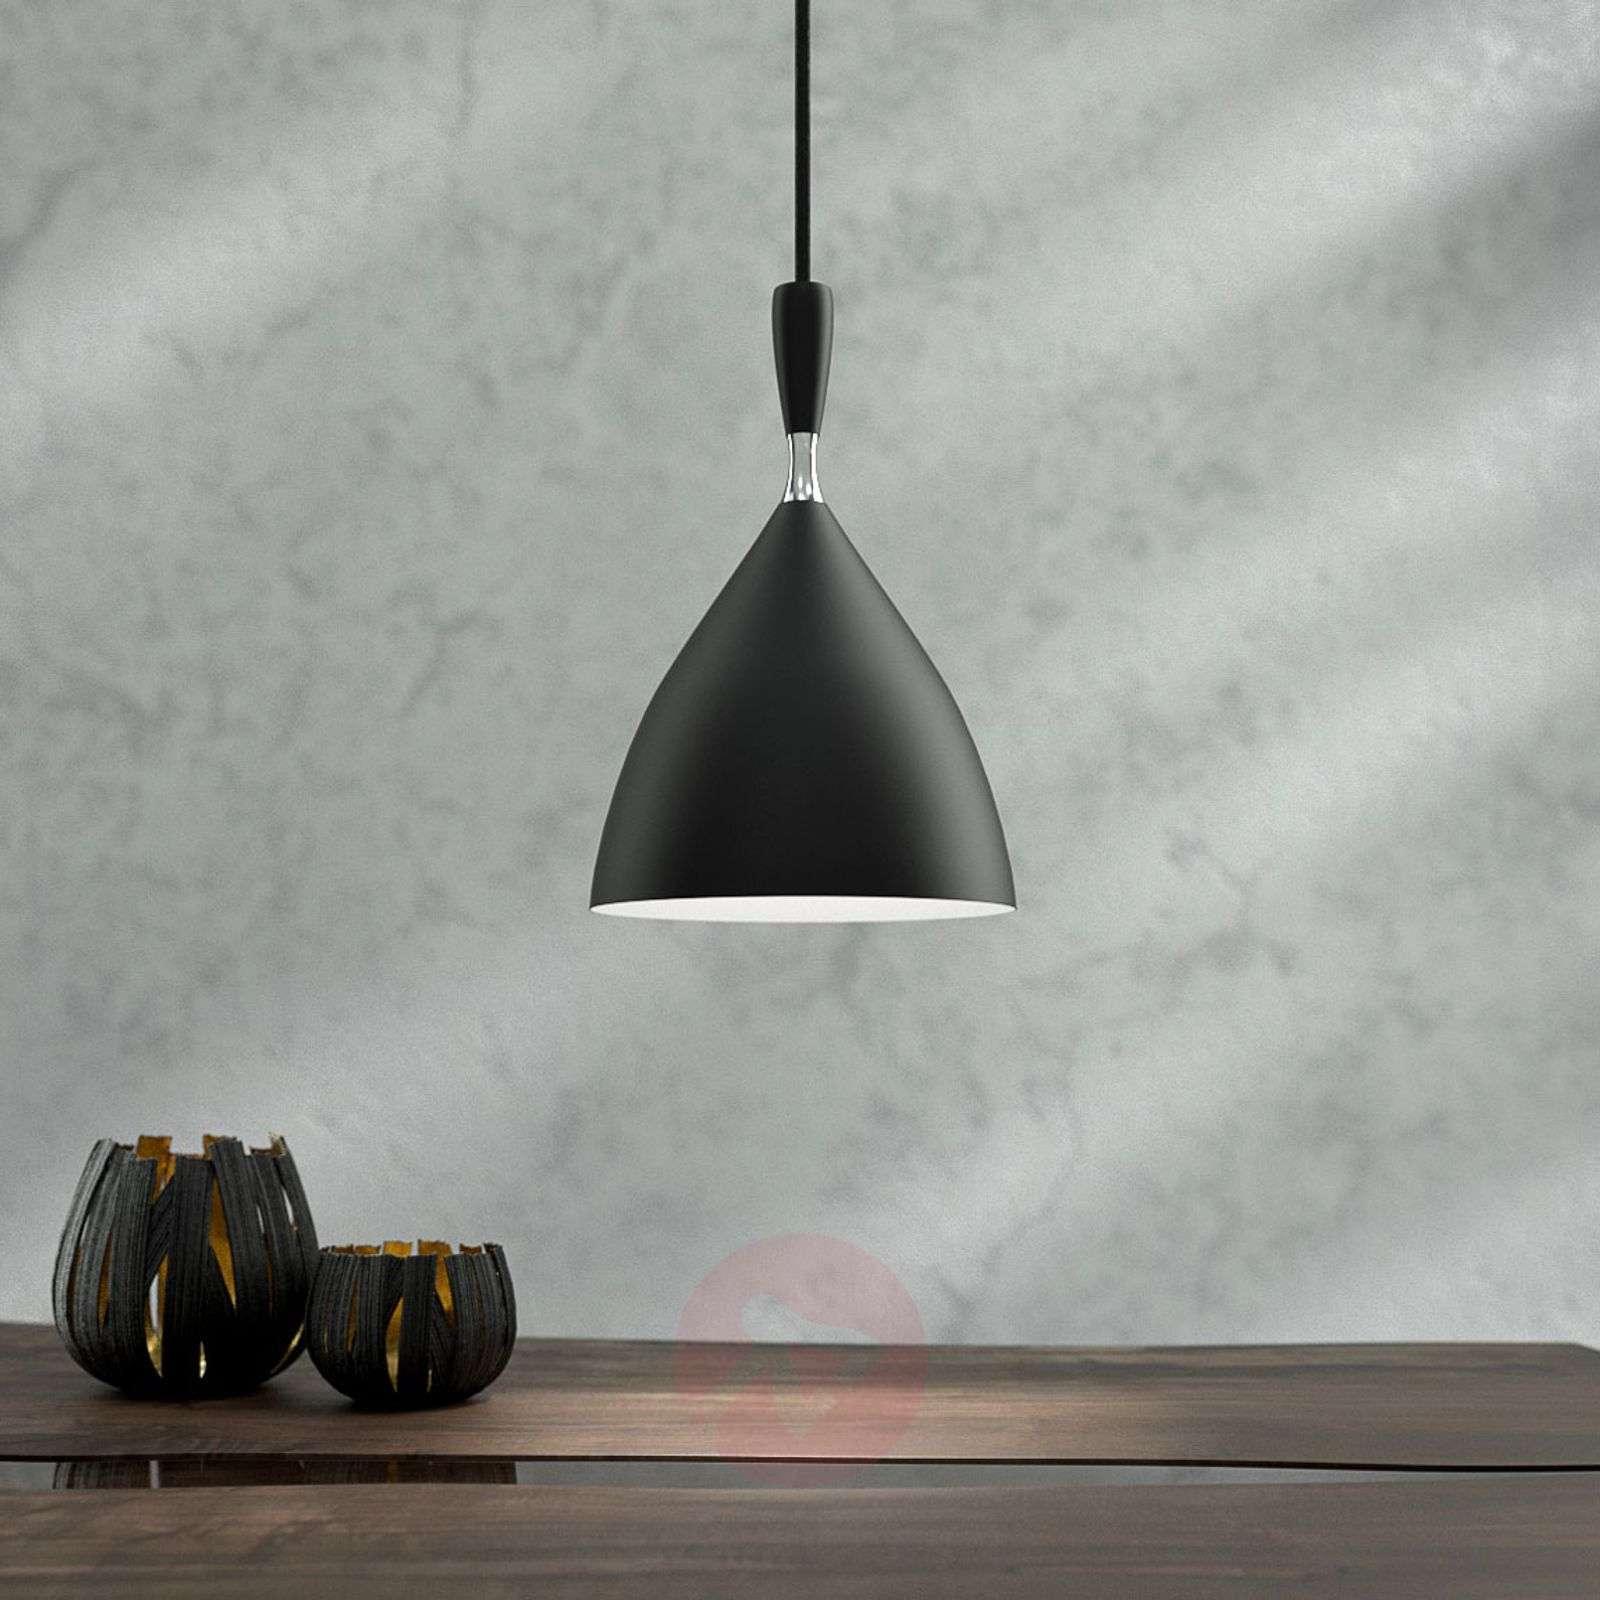 Black designer pendant light Dokka-7013090-01